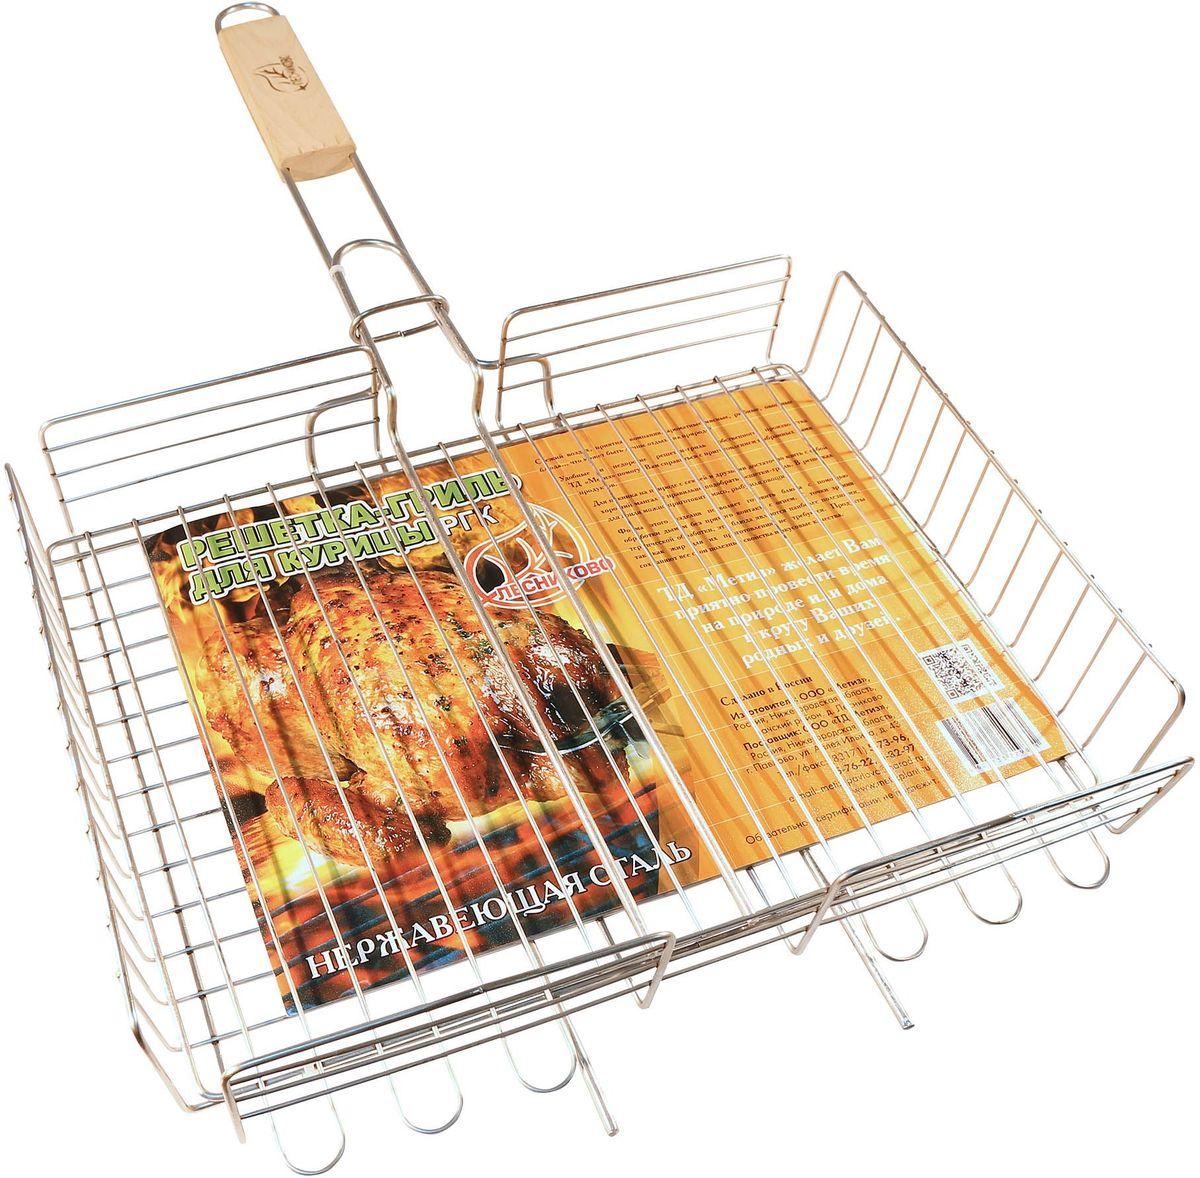 Решетка-гриль Метиз, для курицы. РГКЗРГКЗУдобная решётка - гриль для приготовления курицы и других мясных блюд. Также можно приготовить овощи. Форма этого изделия позволяет готовить блюда с помощью обработки дымом без прямого контакта с огнём. С точки зрения термической обработки, такие блюда являются наиболее полезными, так как жир для их приготовления не требуется. Продукты сохраняют все свои полезные свойства и вкусовые качества. Материал решётки: пищевая нержавеющая сталь. Деревянная ручка.